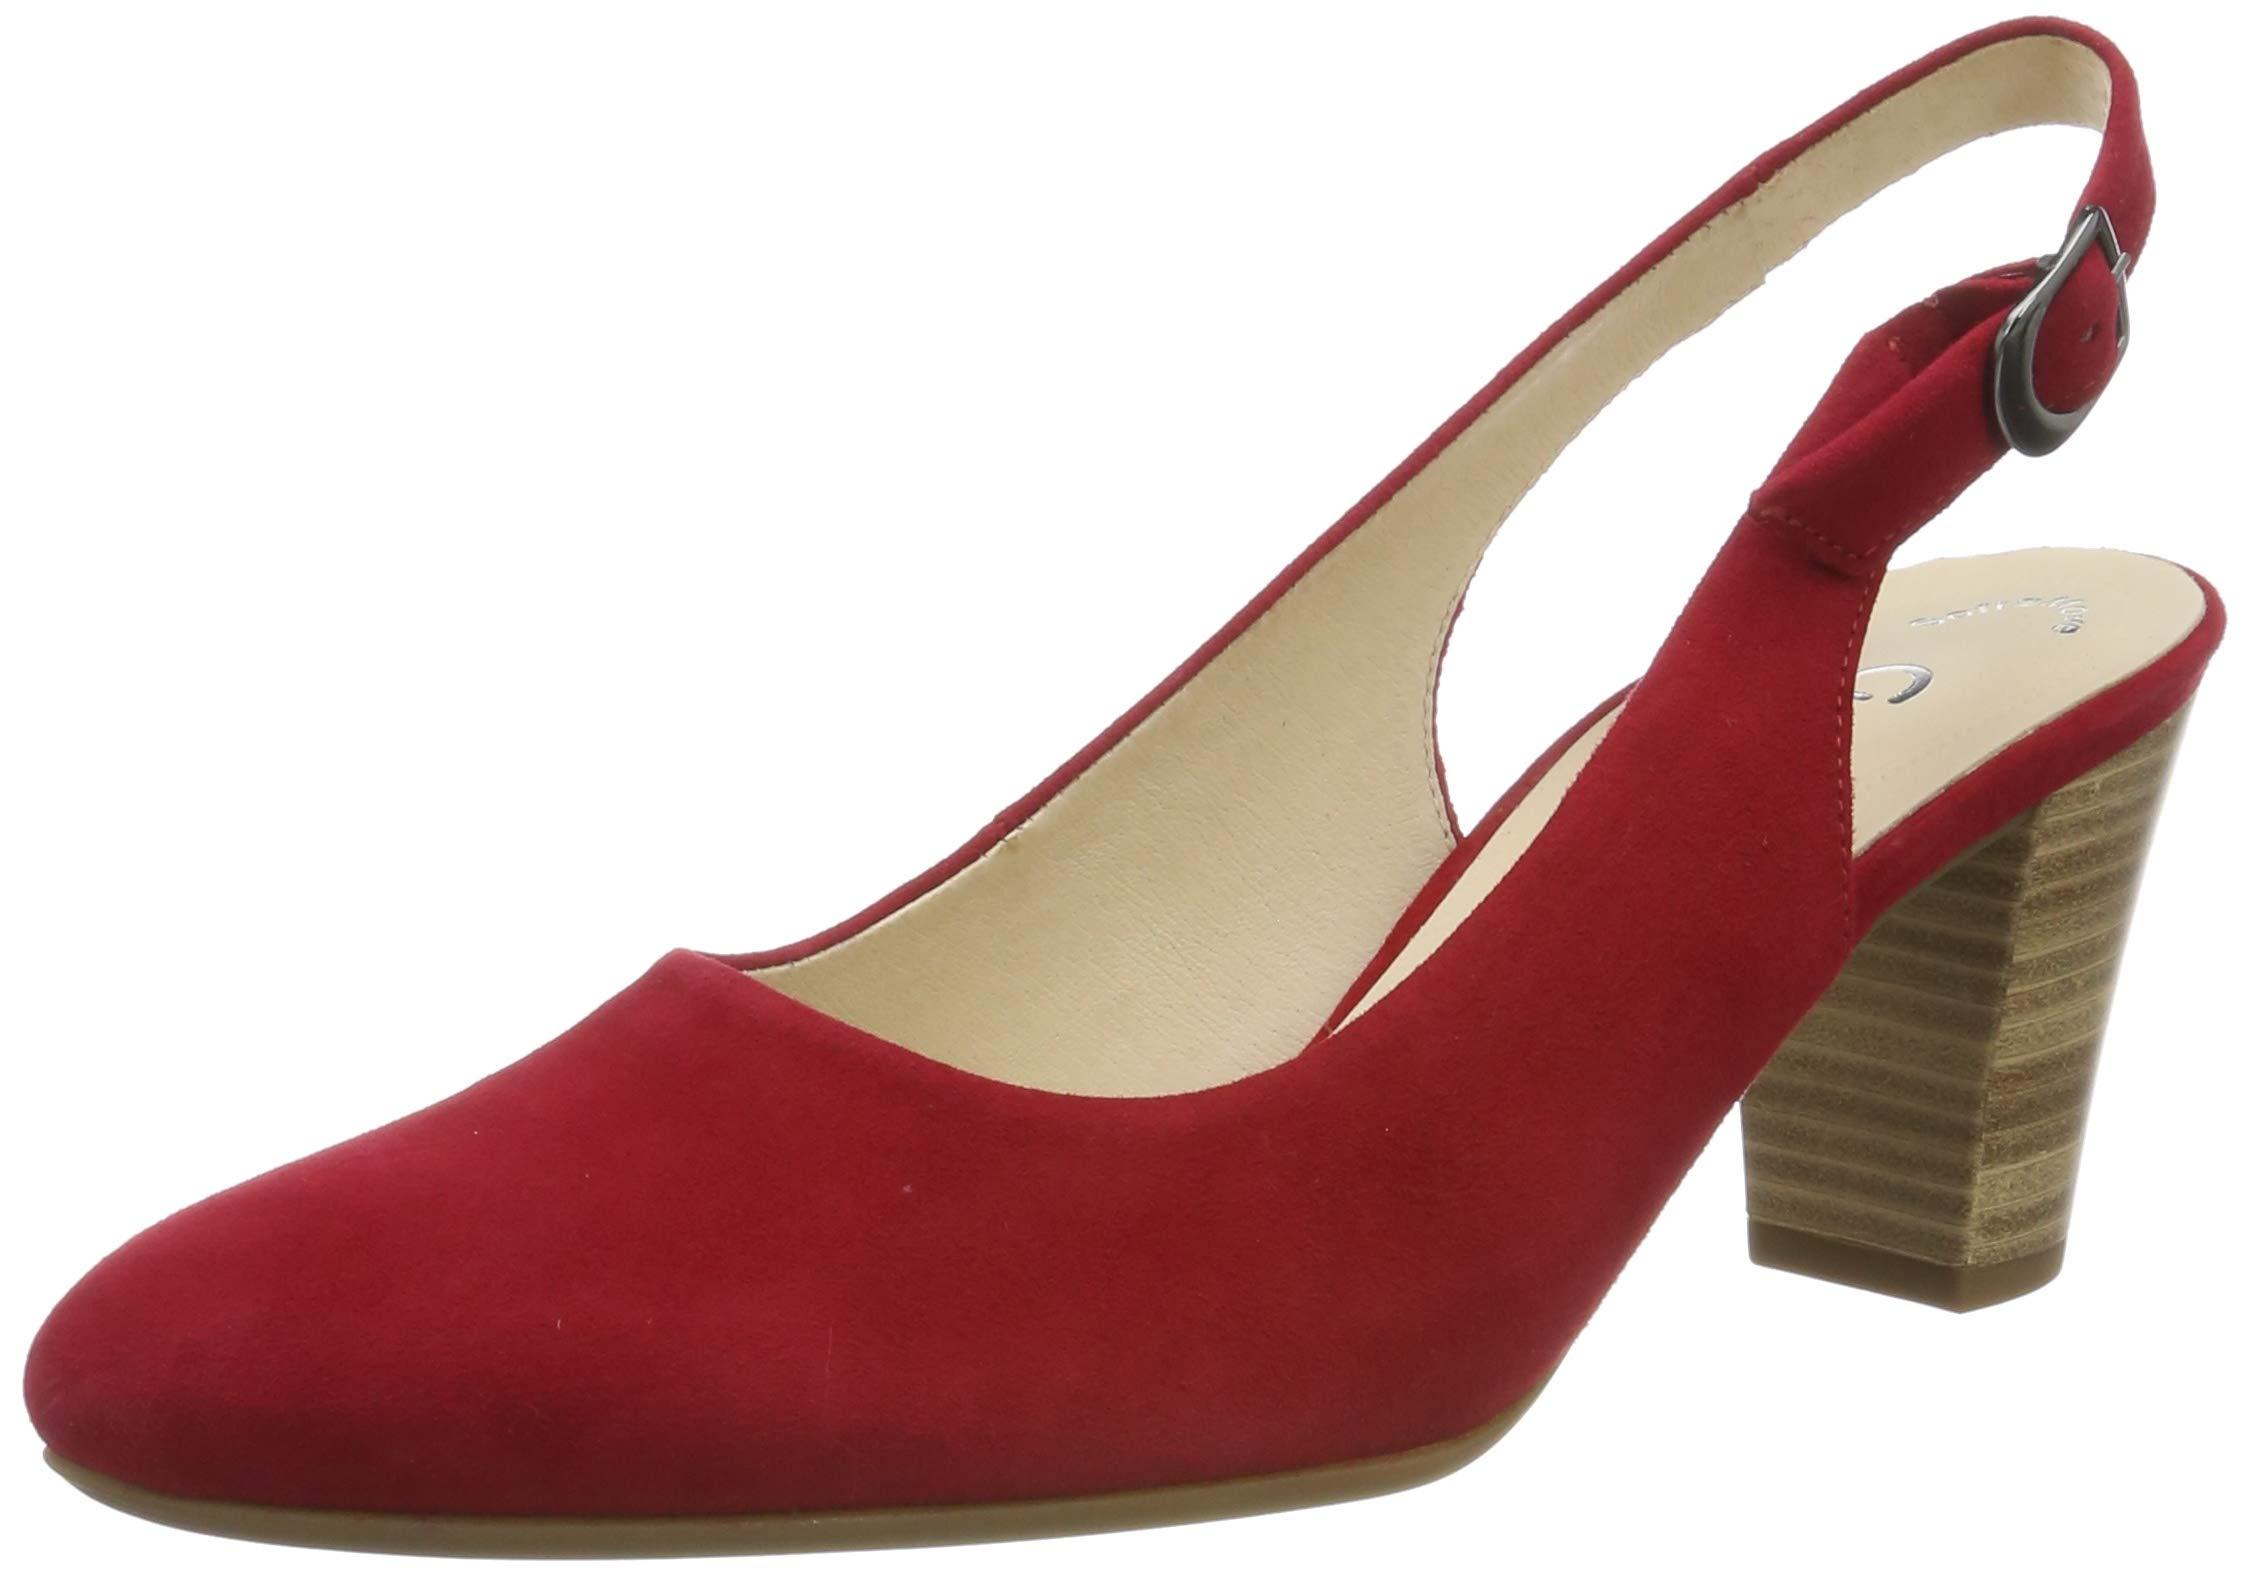 FashionEscarpins Gabor FemmeRougerubin Eu 4840 5 Shoes Comfort Nwmn80